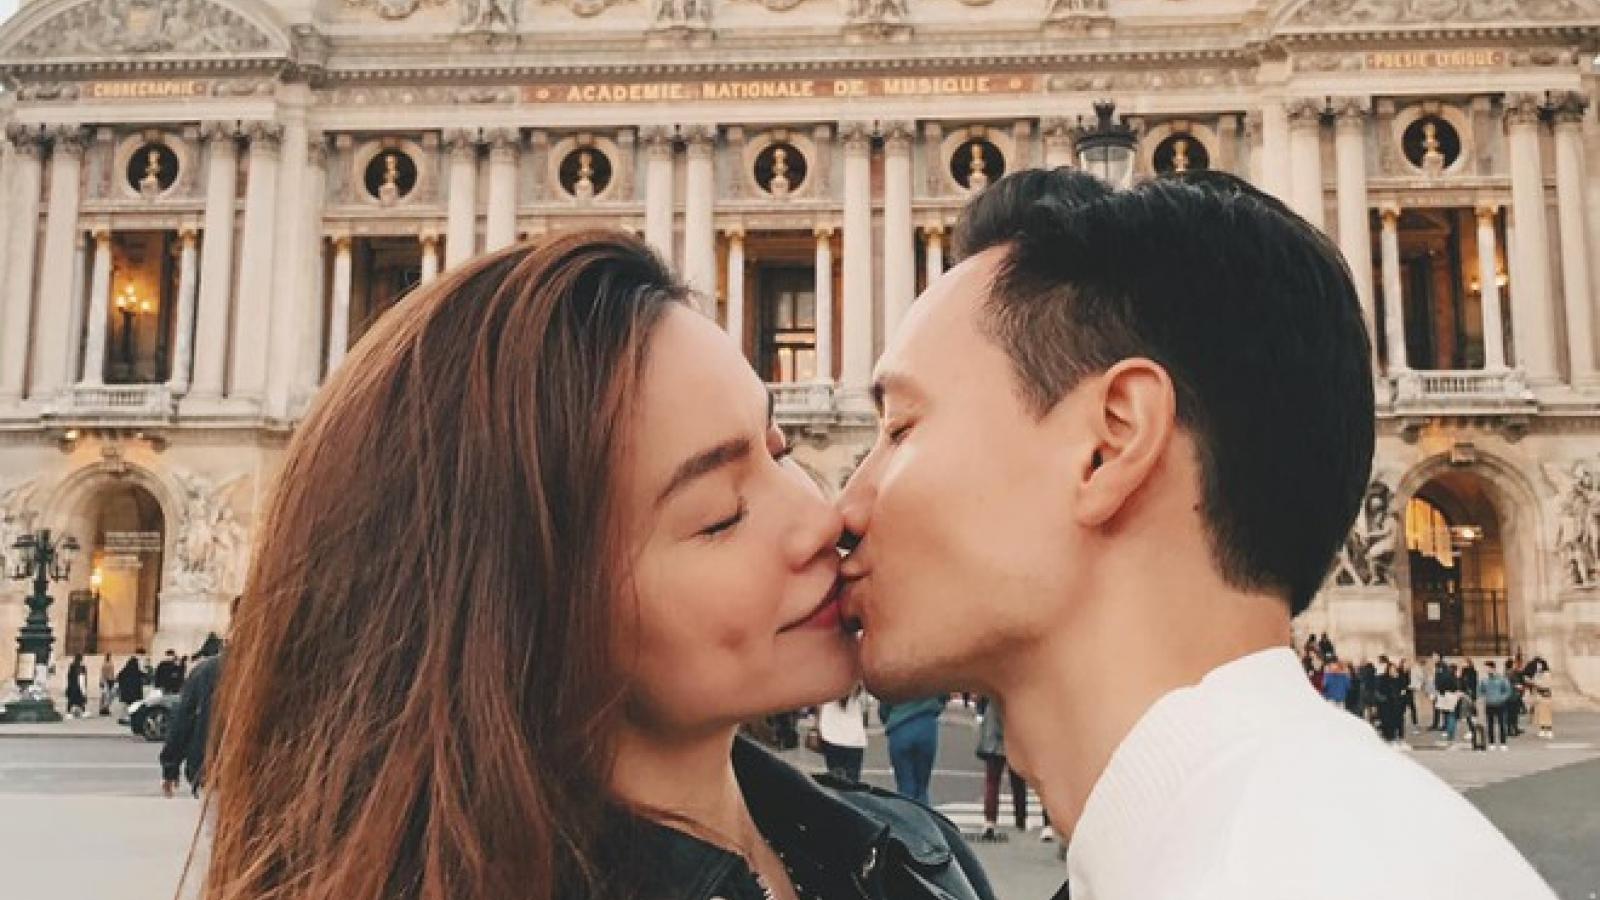 Chuyện showbiz: Hồ Ngọc Hà và Kim Lý là vợ chồng hợp pháp từ đầu năm 2020